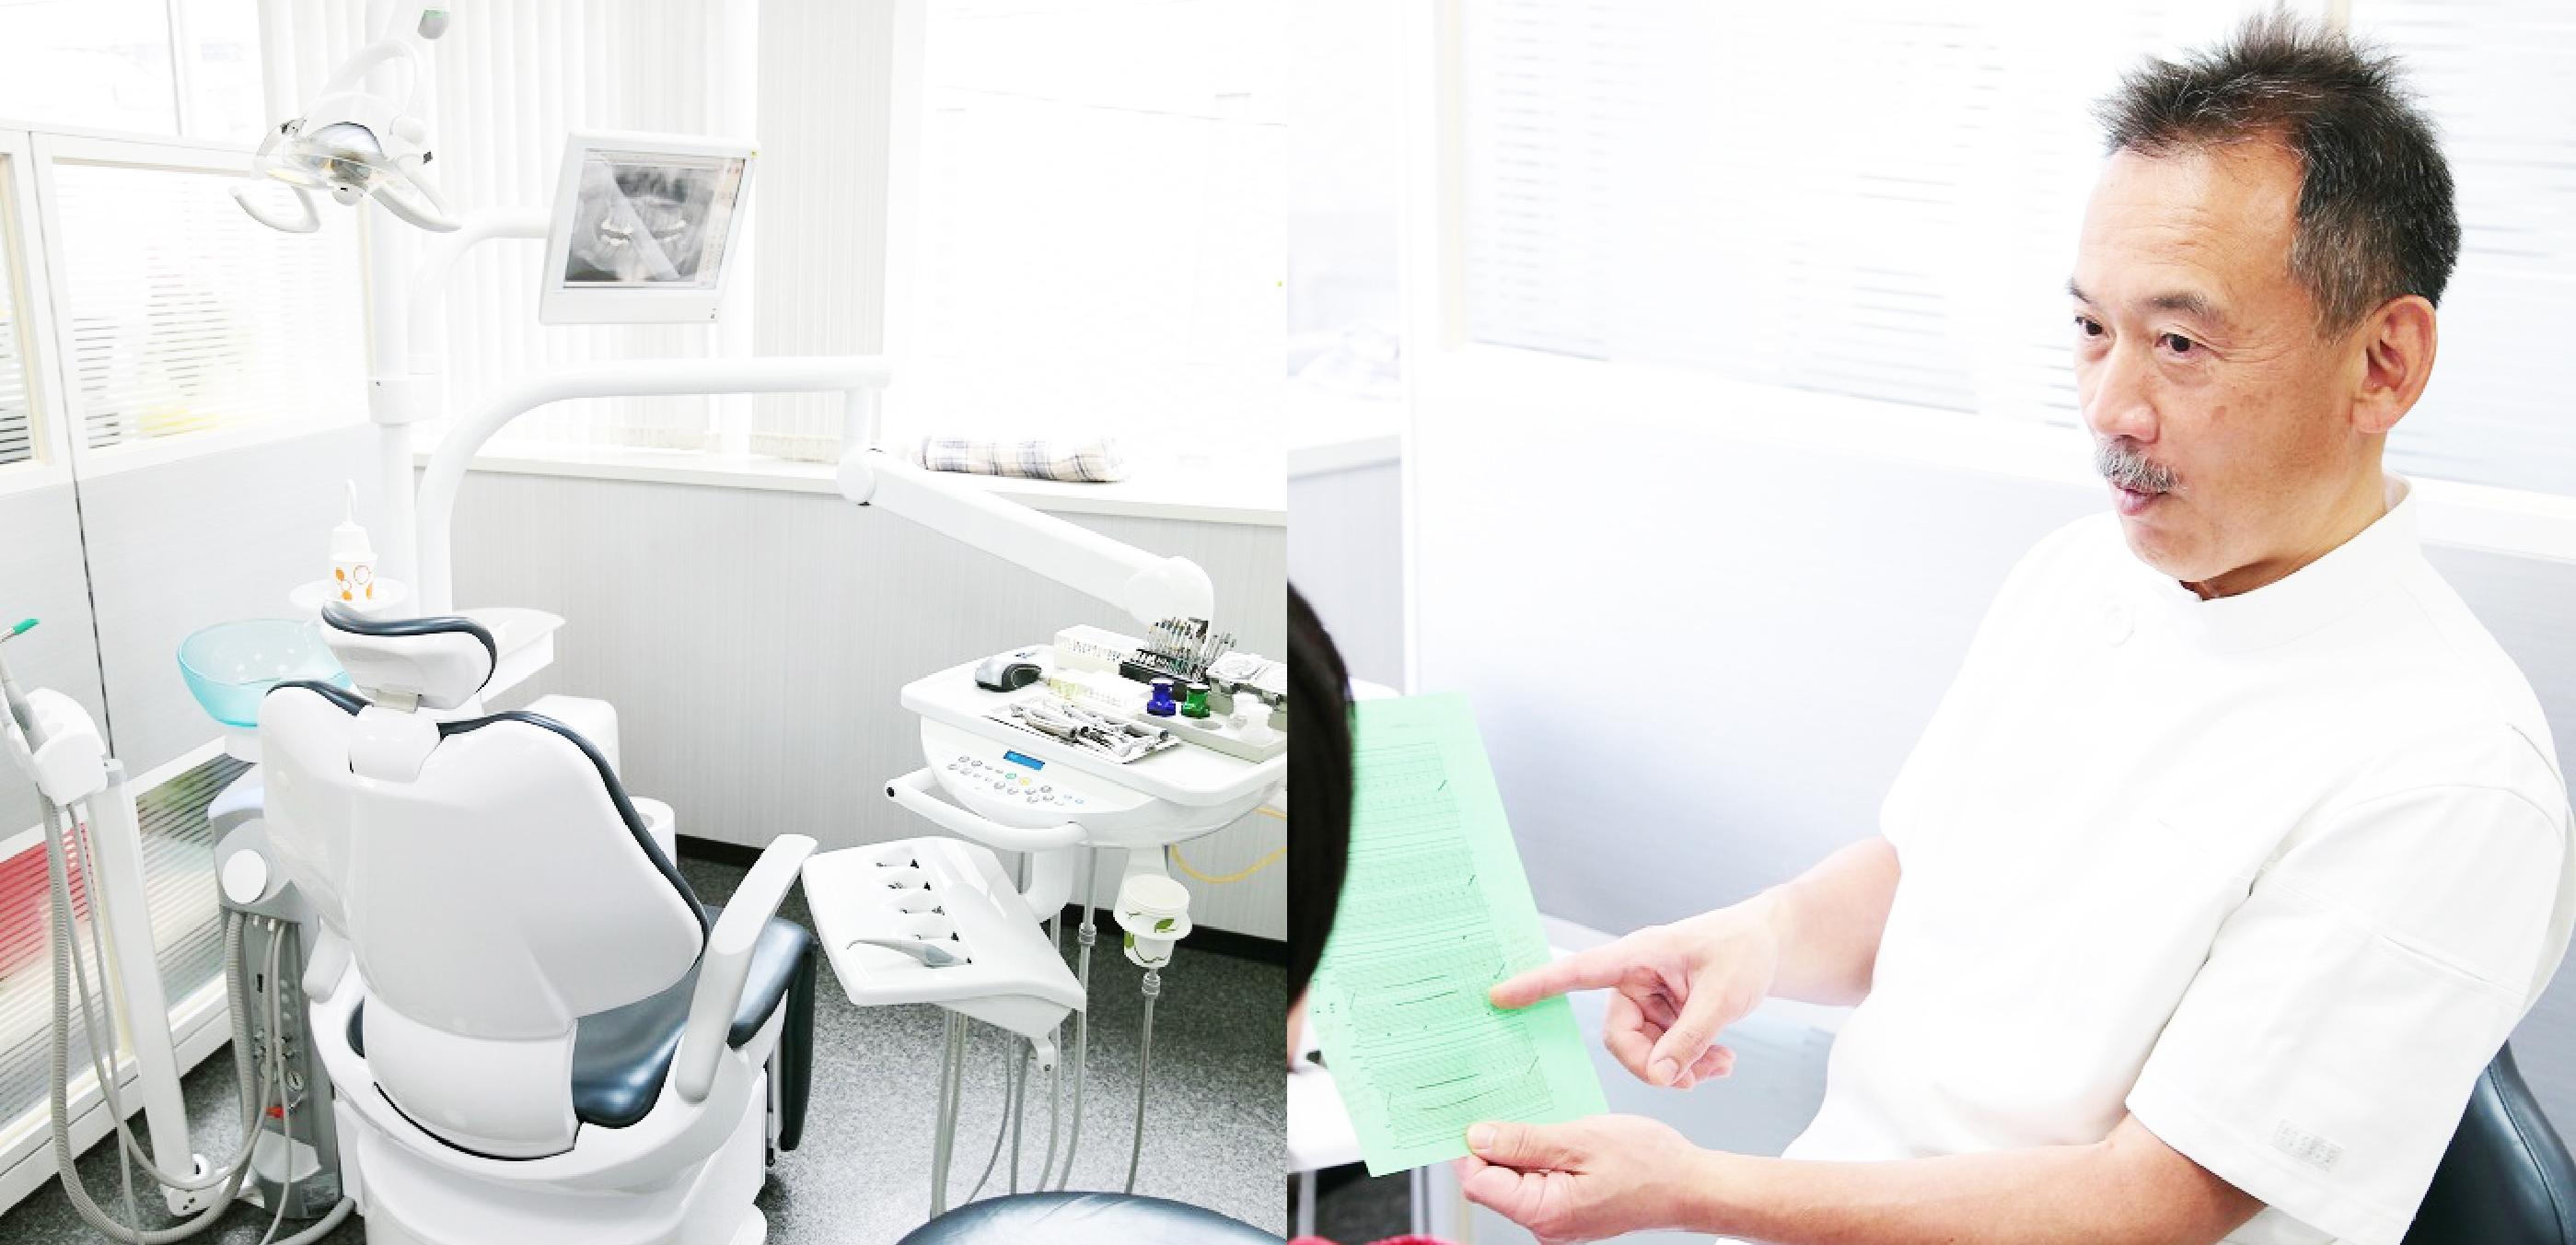 歯周専門医と日本歯周病学会認定歯科衛生士による徹底した歯周病治療残った歯を守るための長持ちするインプラント治療